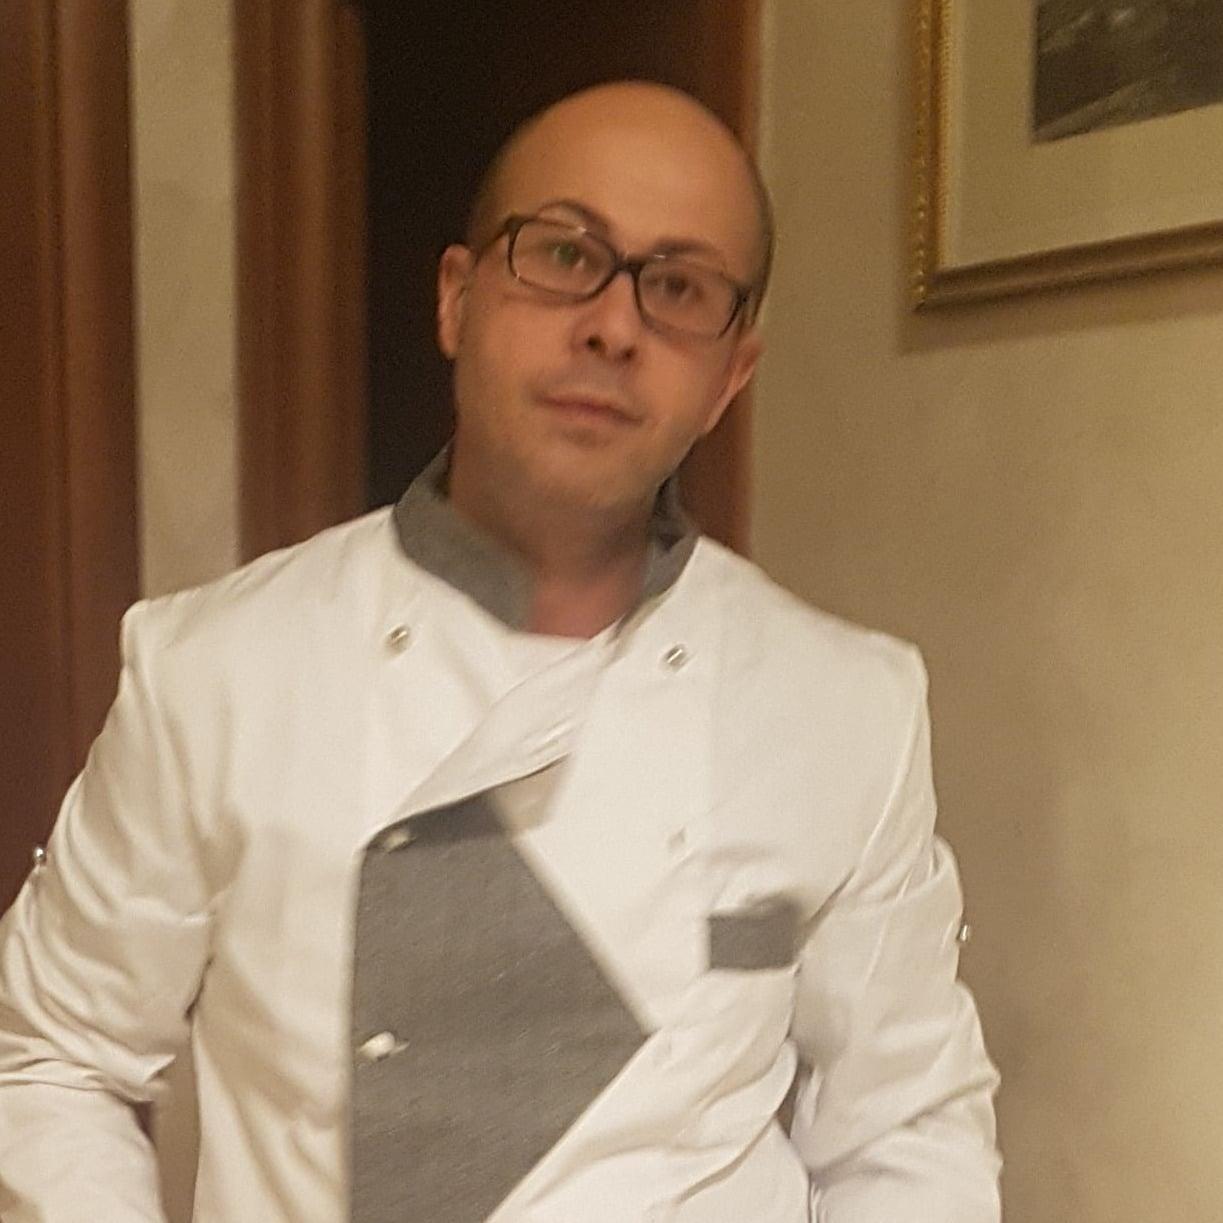 Noleggio Arredi A Napoli I Migliori 20 Servizi Di Noleggio Tavoli E Sedie